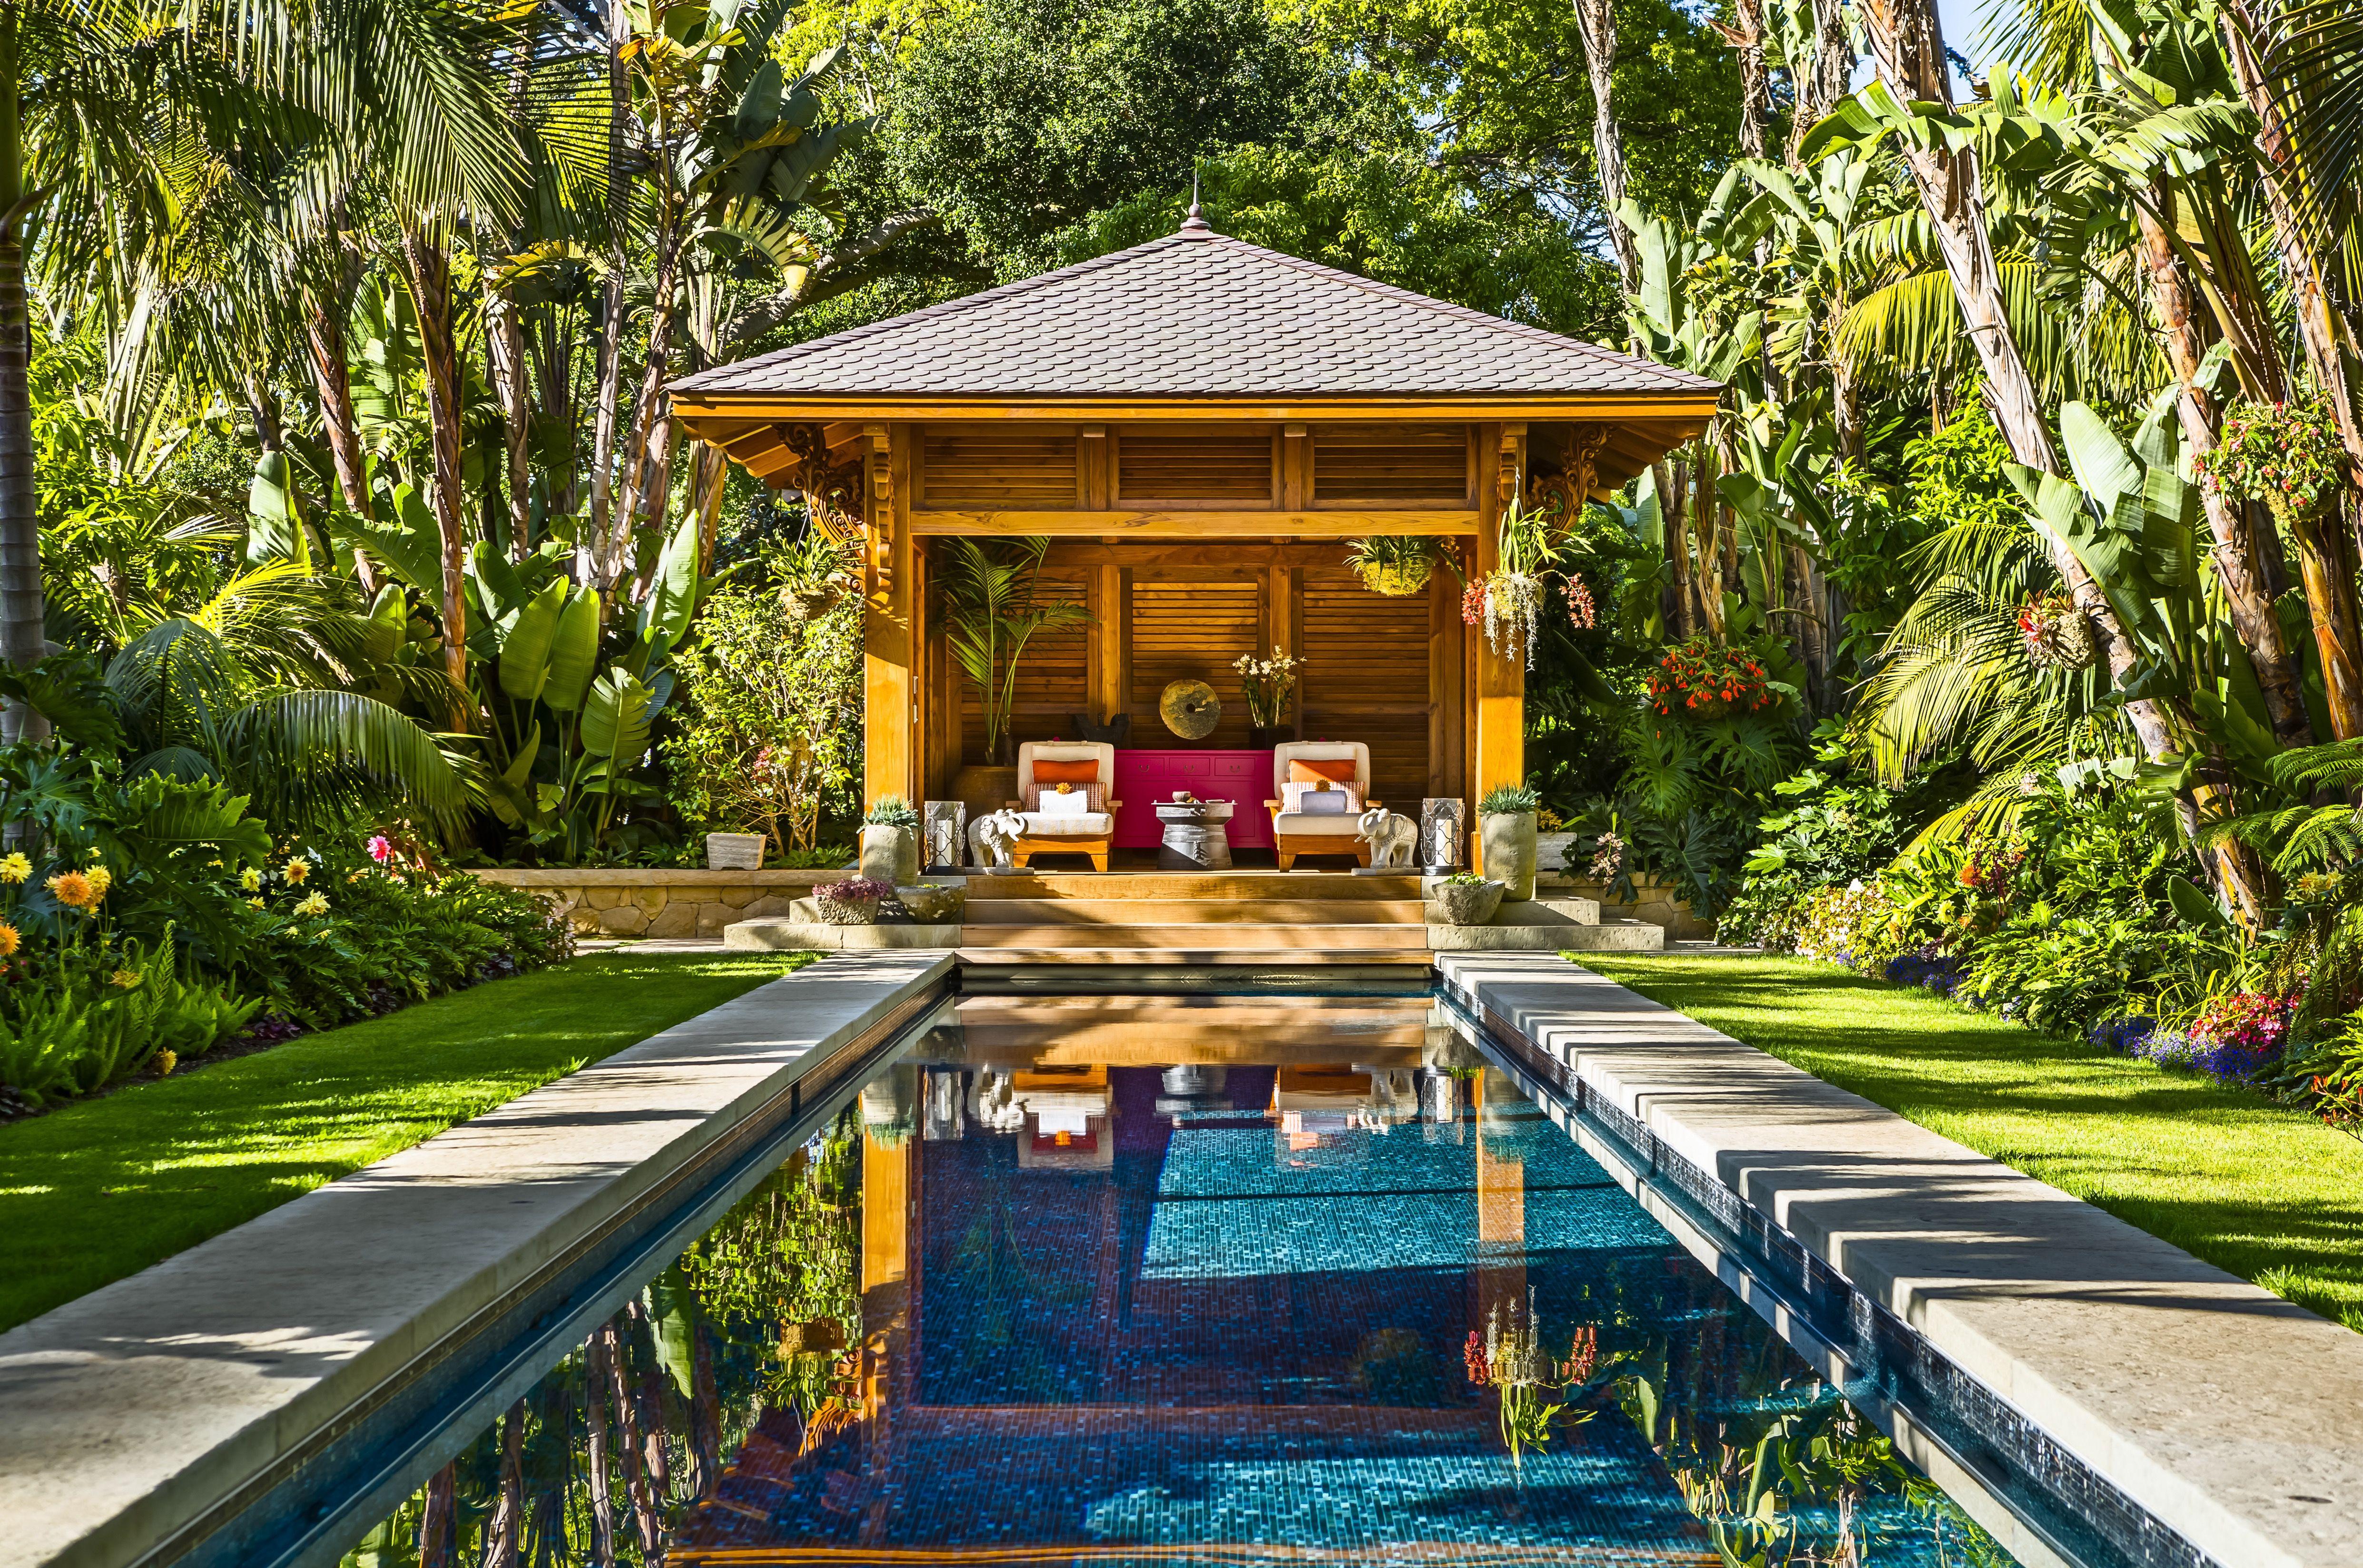 tropical home garden for a hot style → 4fa